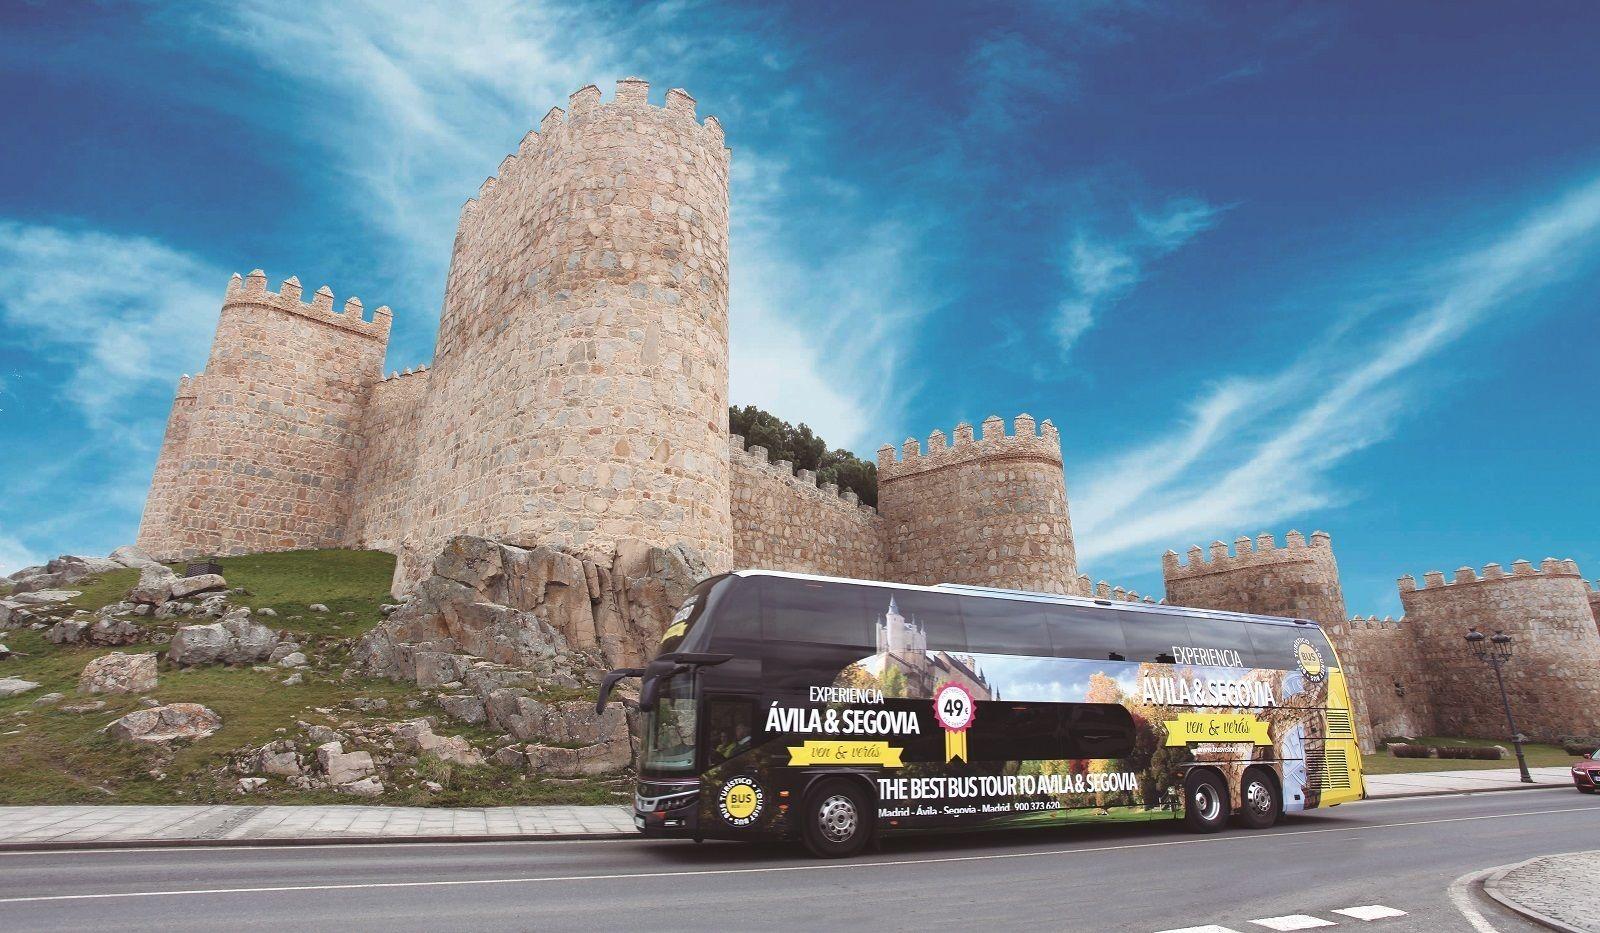 Full Day Tour to Segovia & Avila with Walking Tours